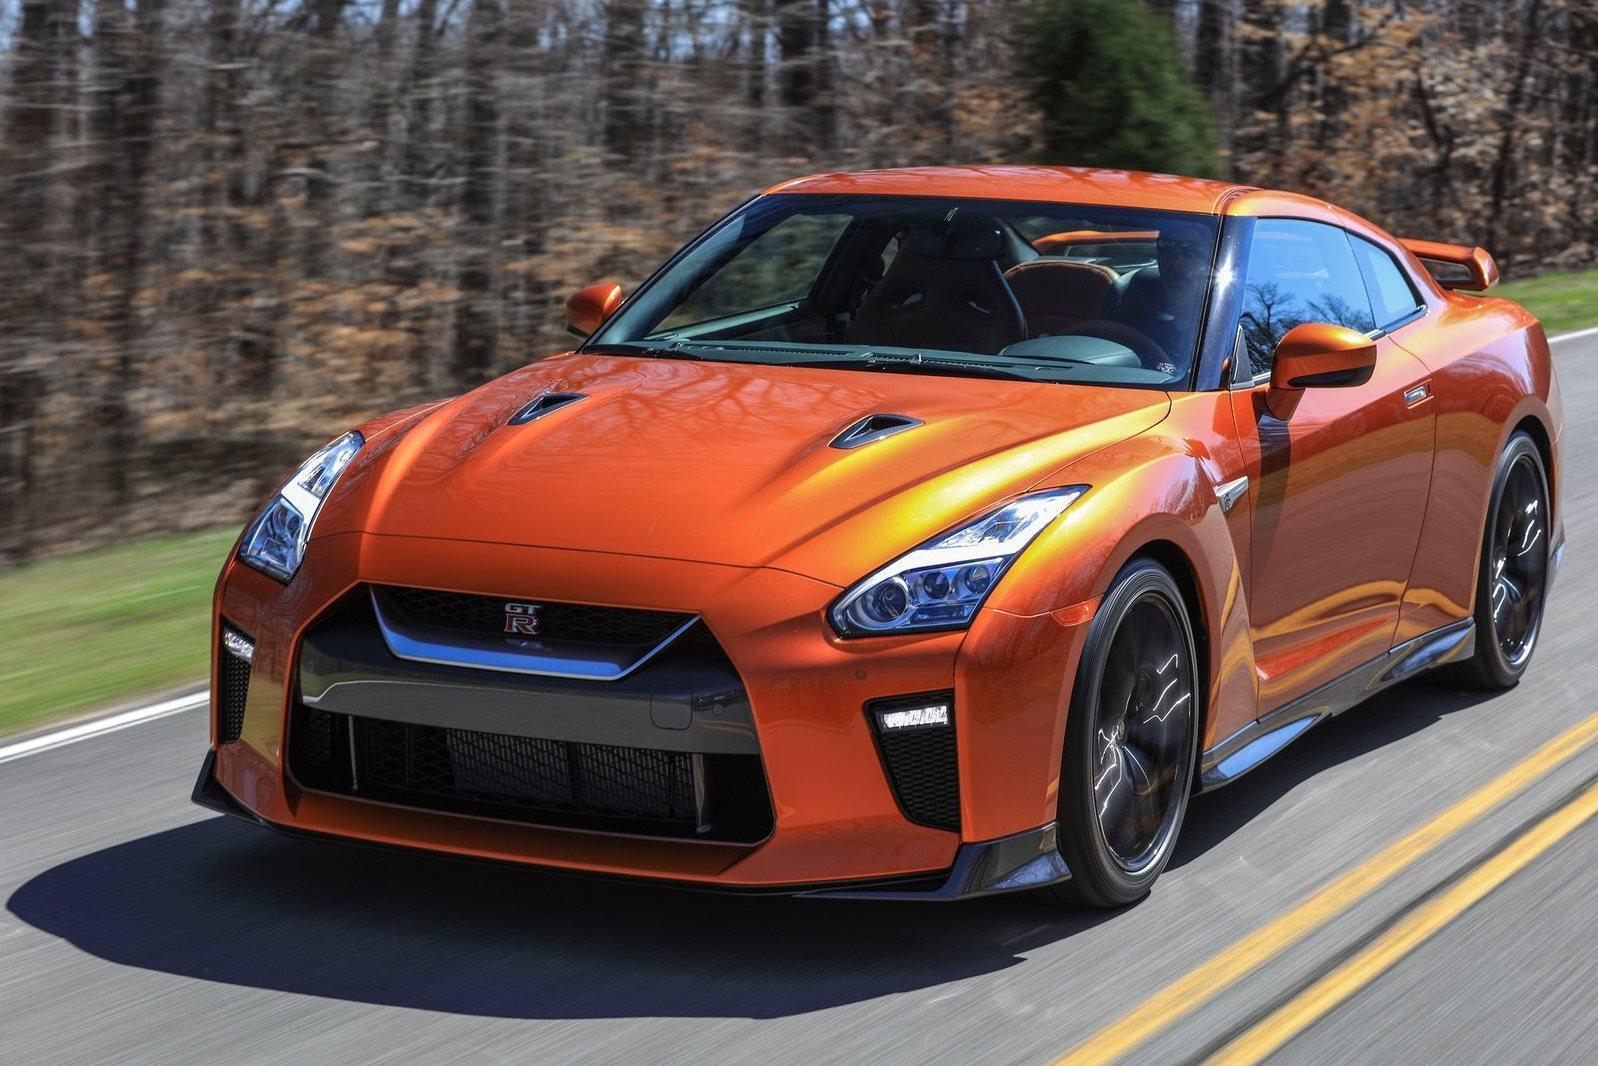 Автосалон в Нью-Йорке 2016: Nissan GT-R